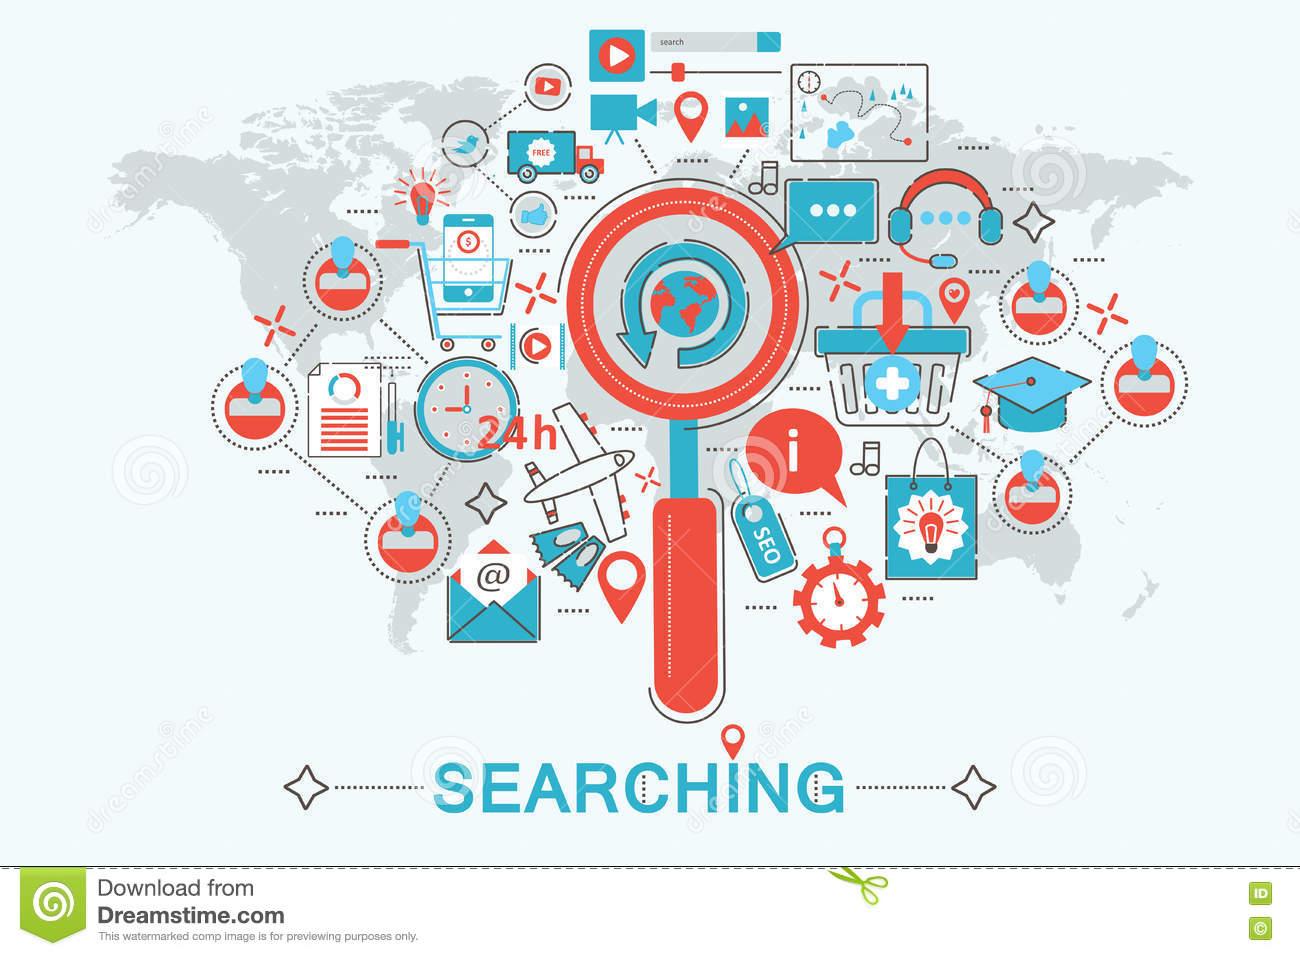 Tìm hiểu và nắm chắc thông tin để bài viết có chiều sâu và giải đáp được thắc mắc của khách hàng.